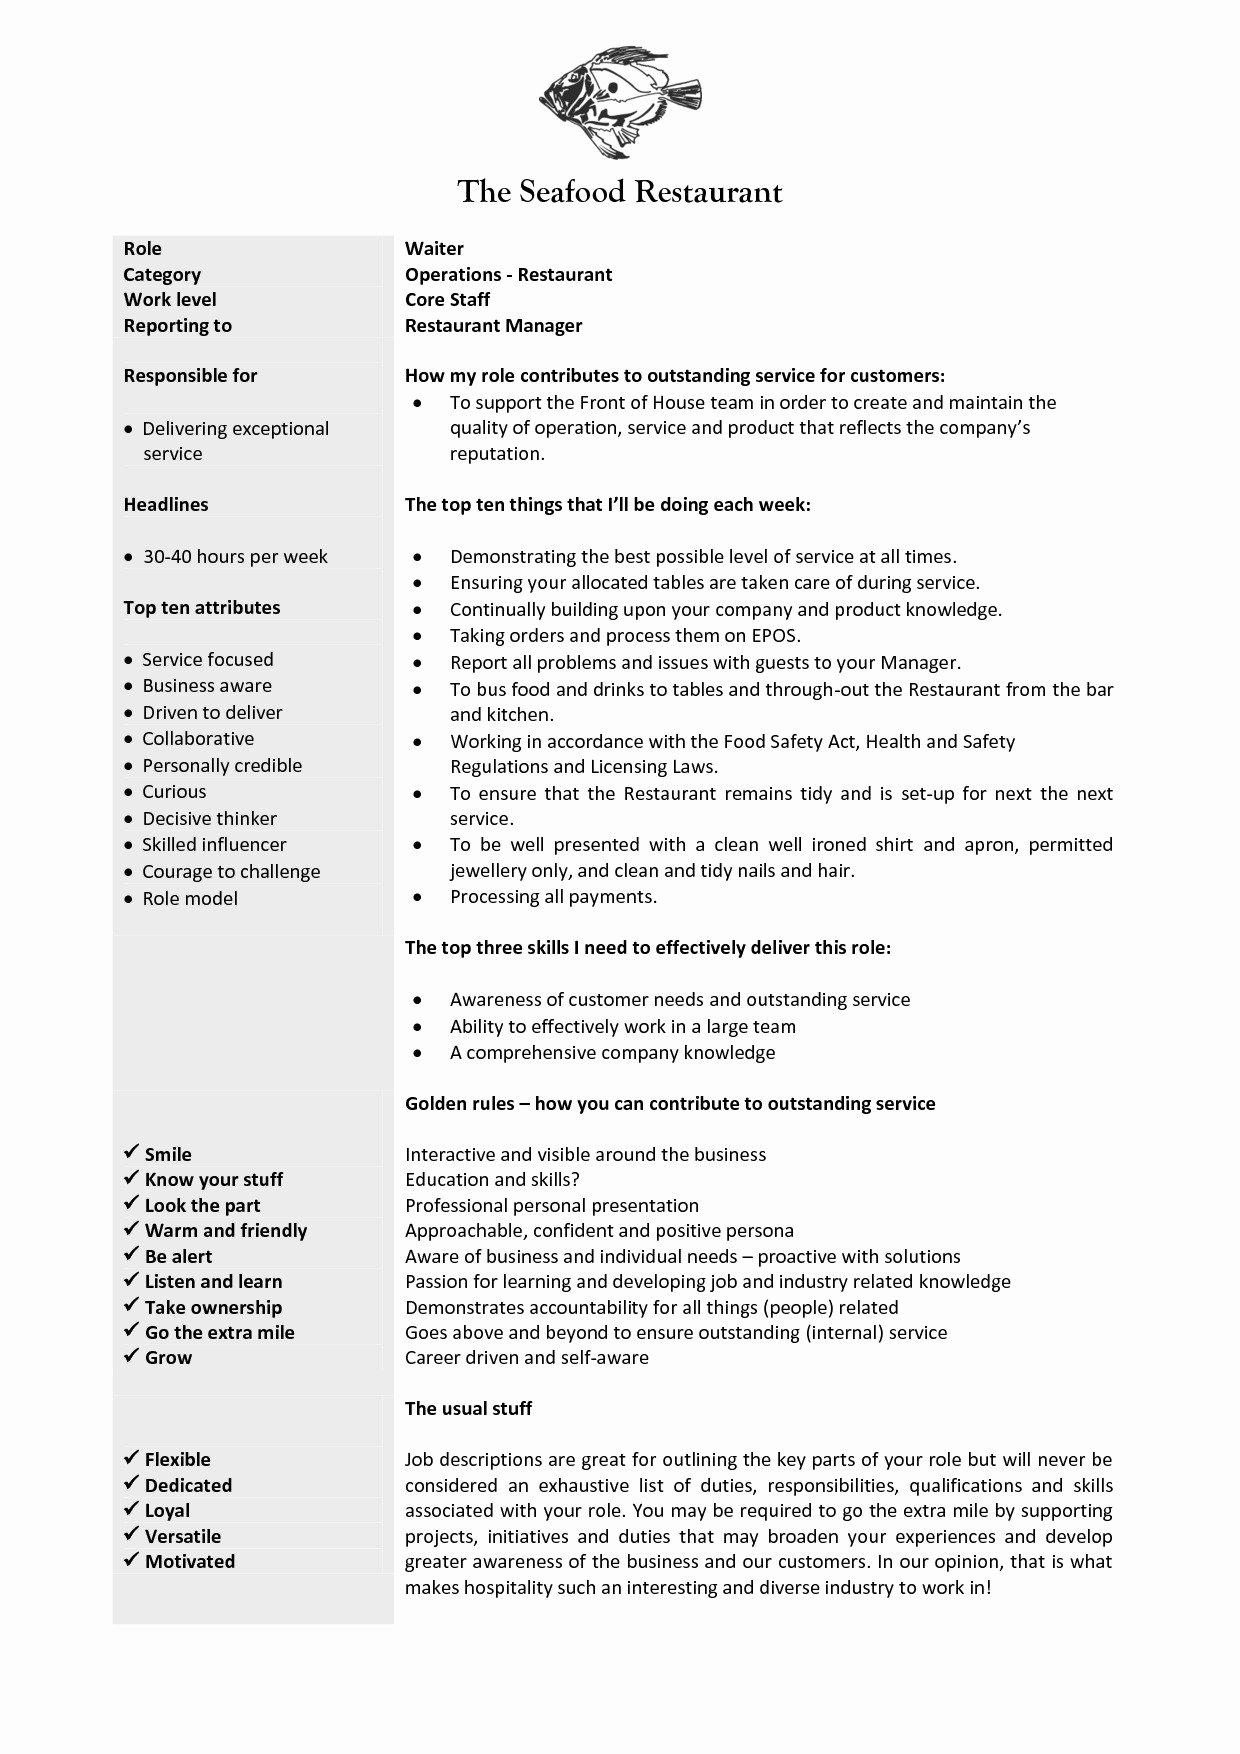 Resume Description Bartender Duties for Resume